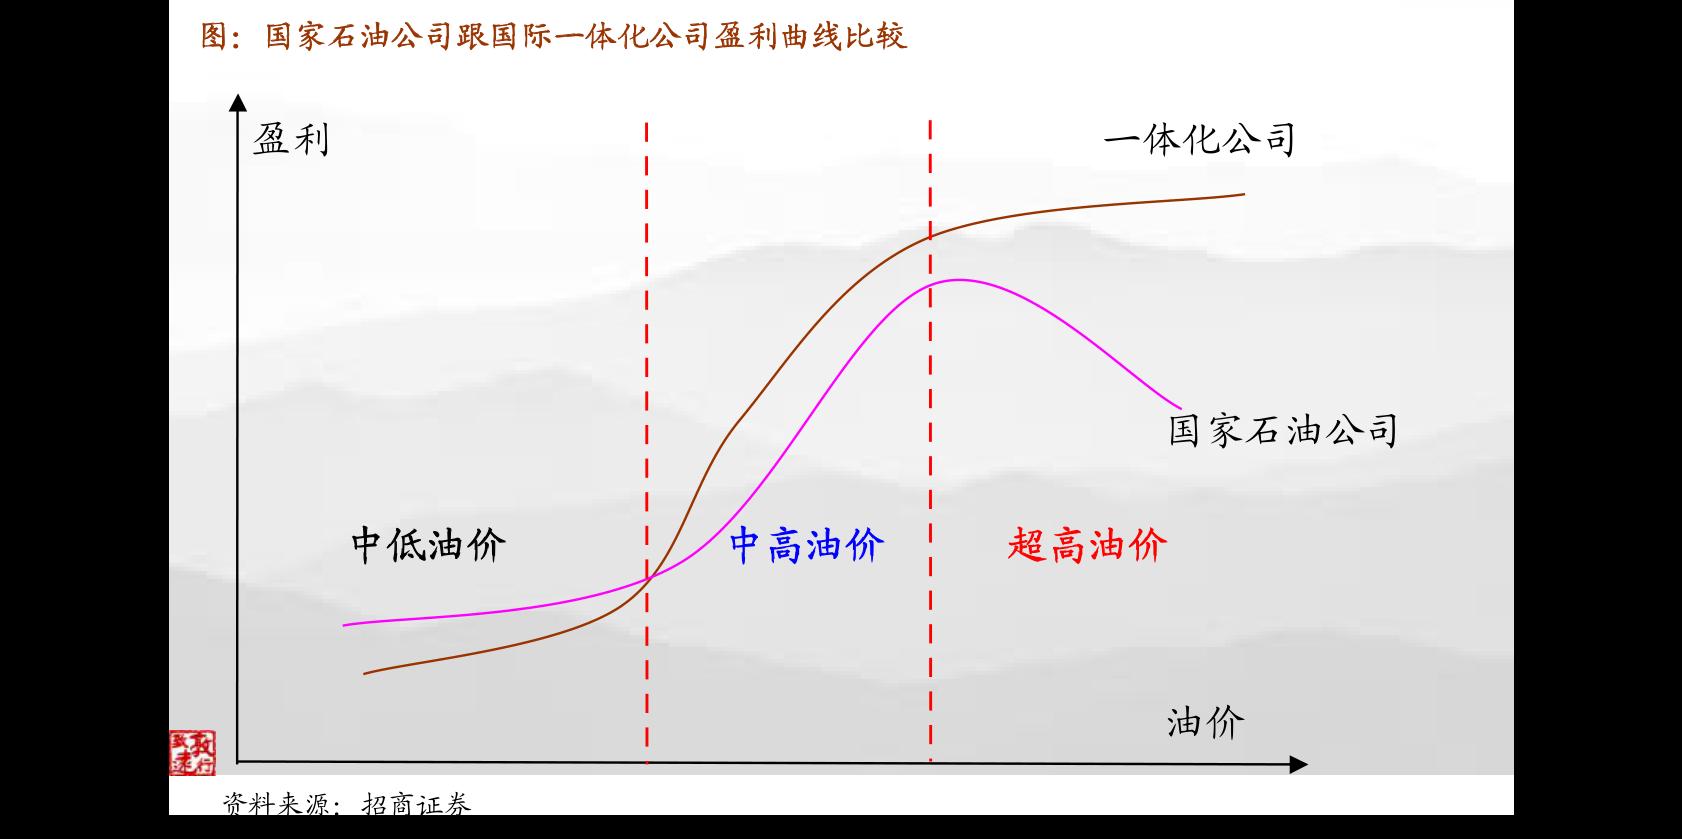 平安雷火电竞平台-电力设备雷火网址动态跟踪报告:从风能展看风电技术进步与成长性-201021